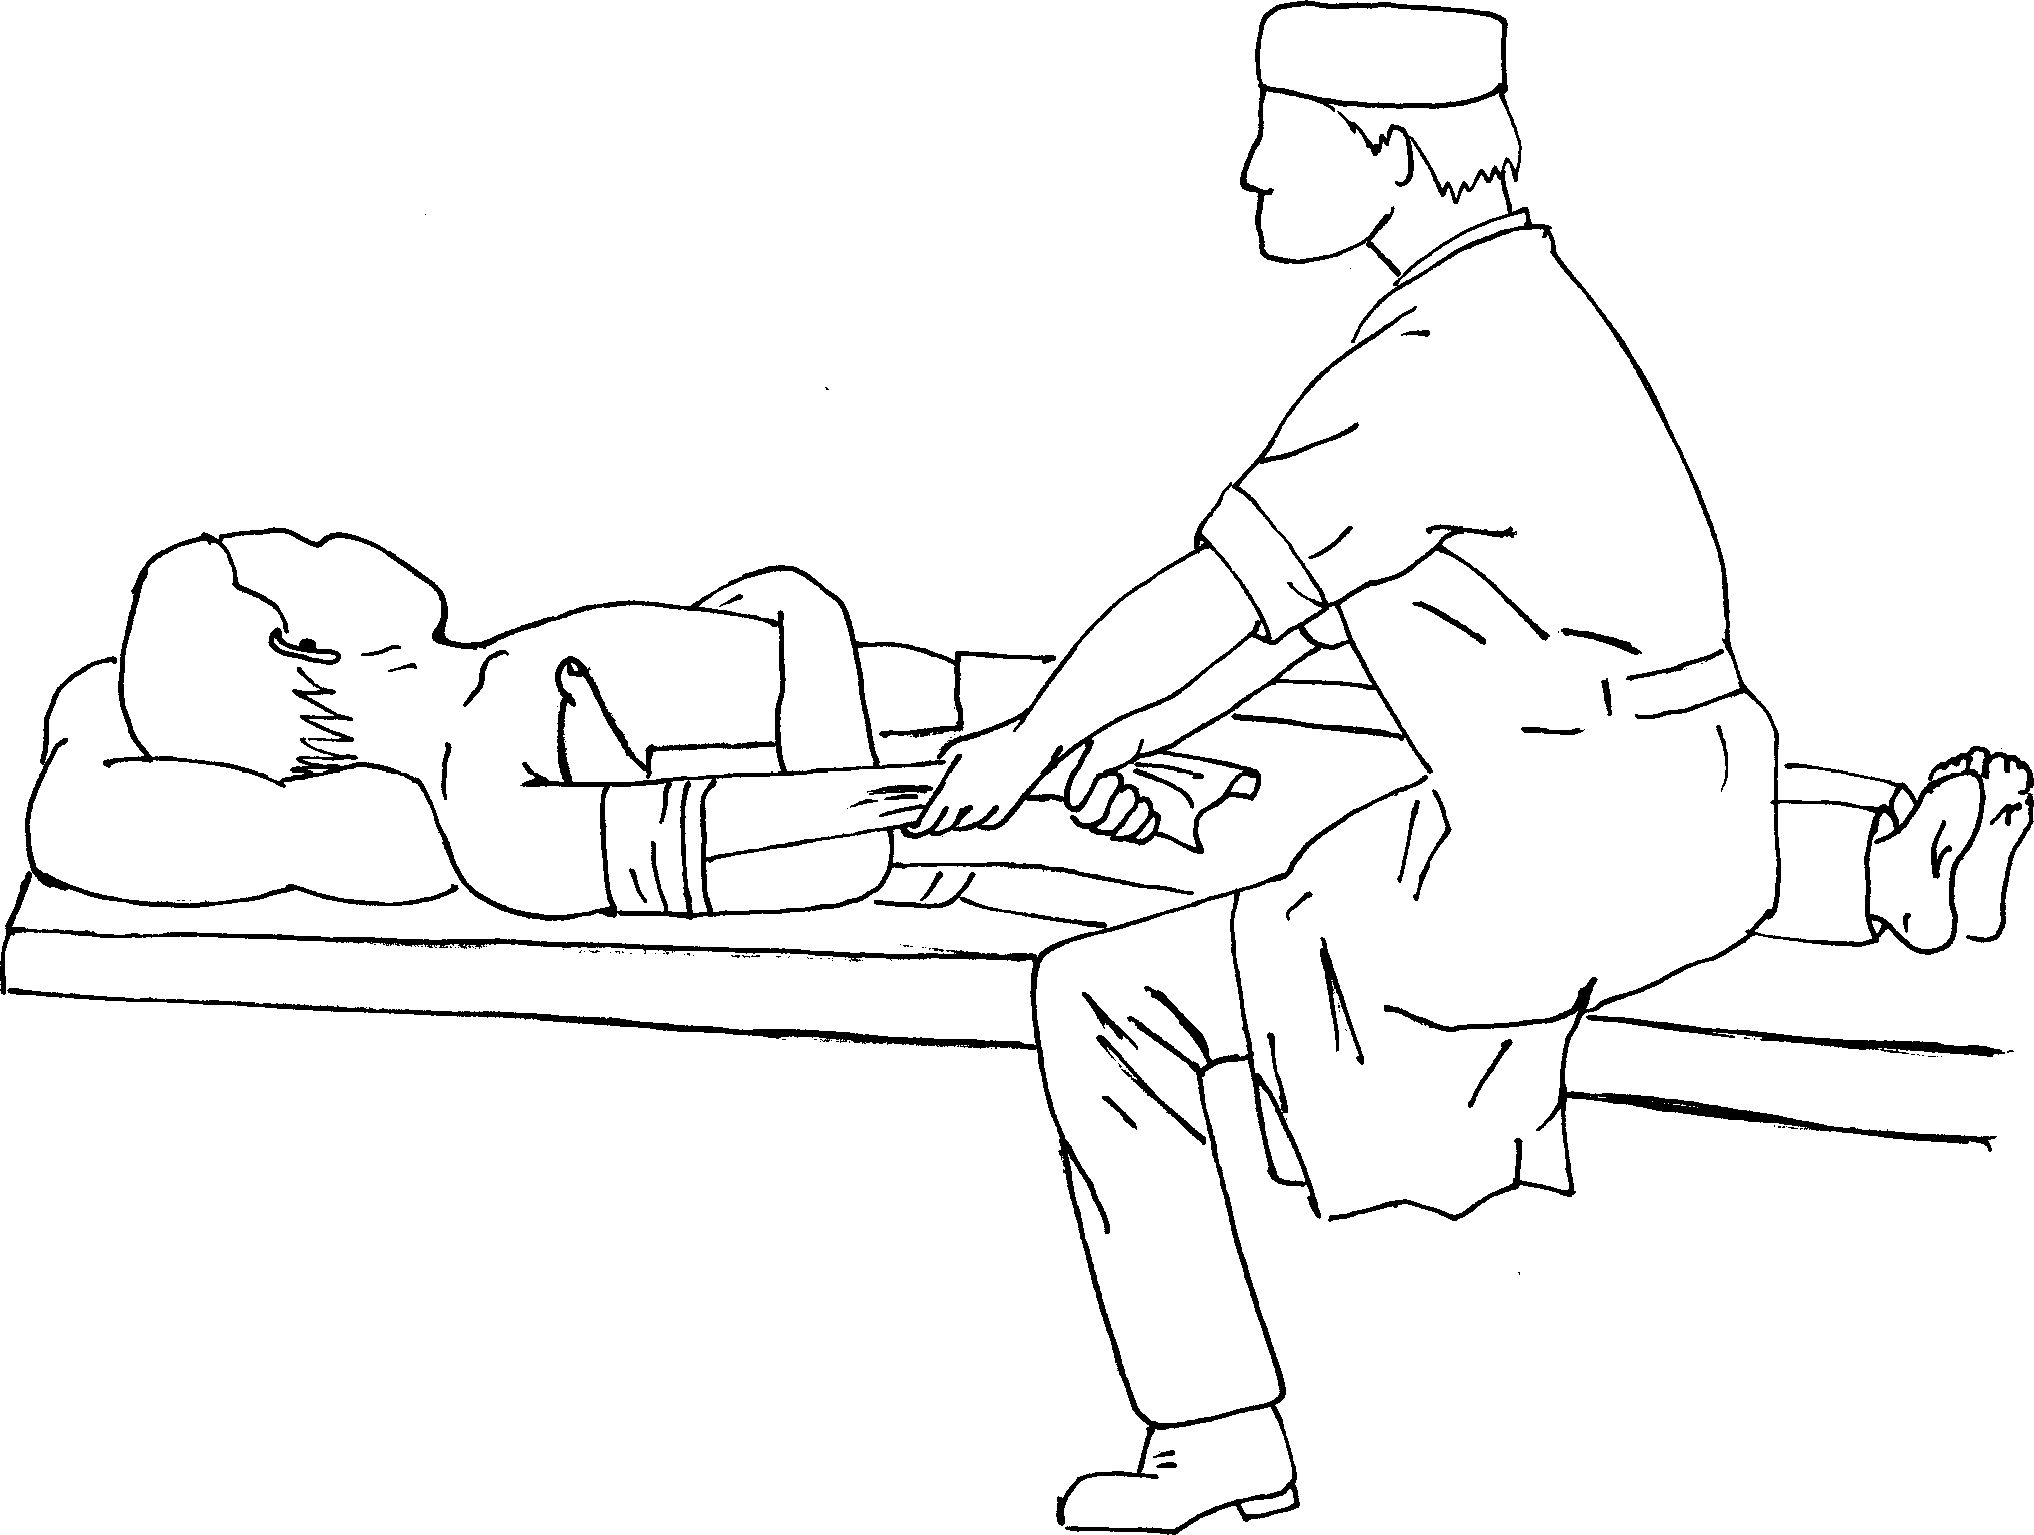 Вправление плеча по способу Гиппократа